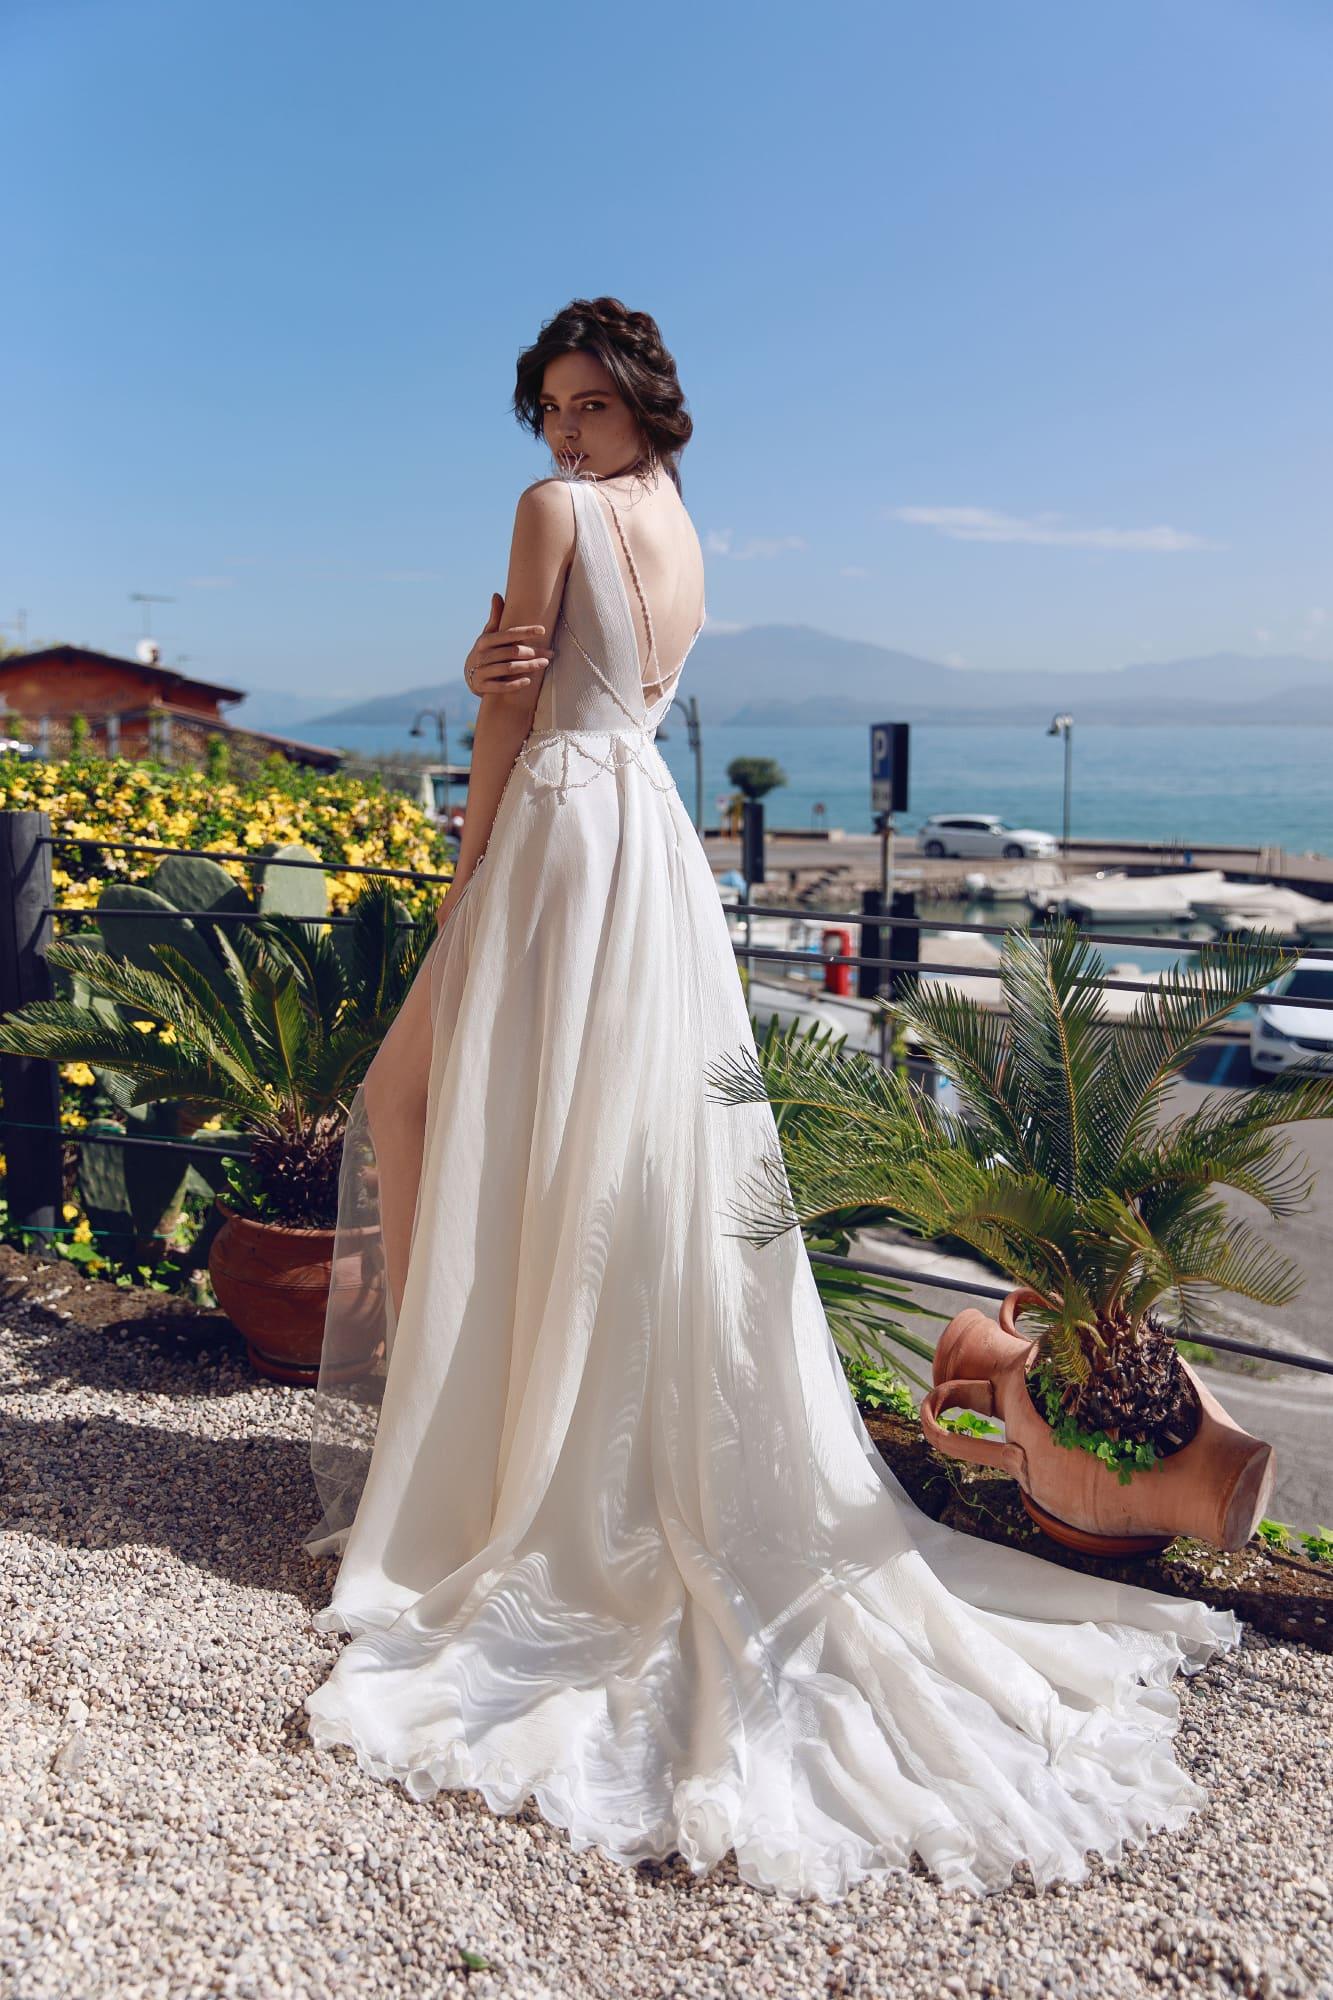 Свадебное платье с отделкой перьями и многослойной юбкой.